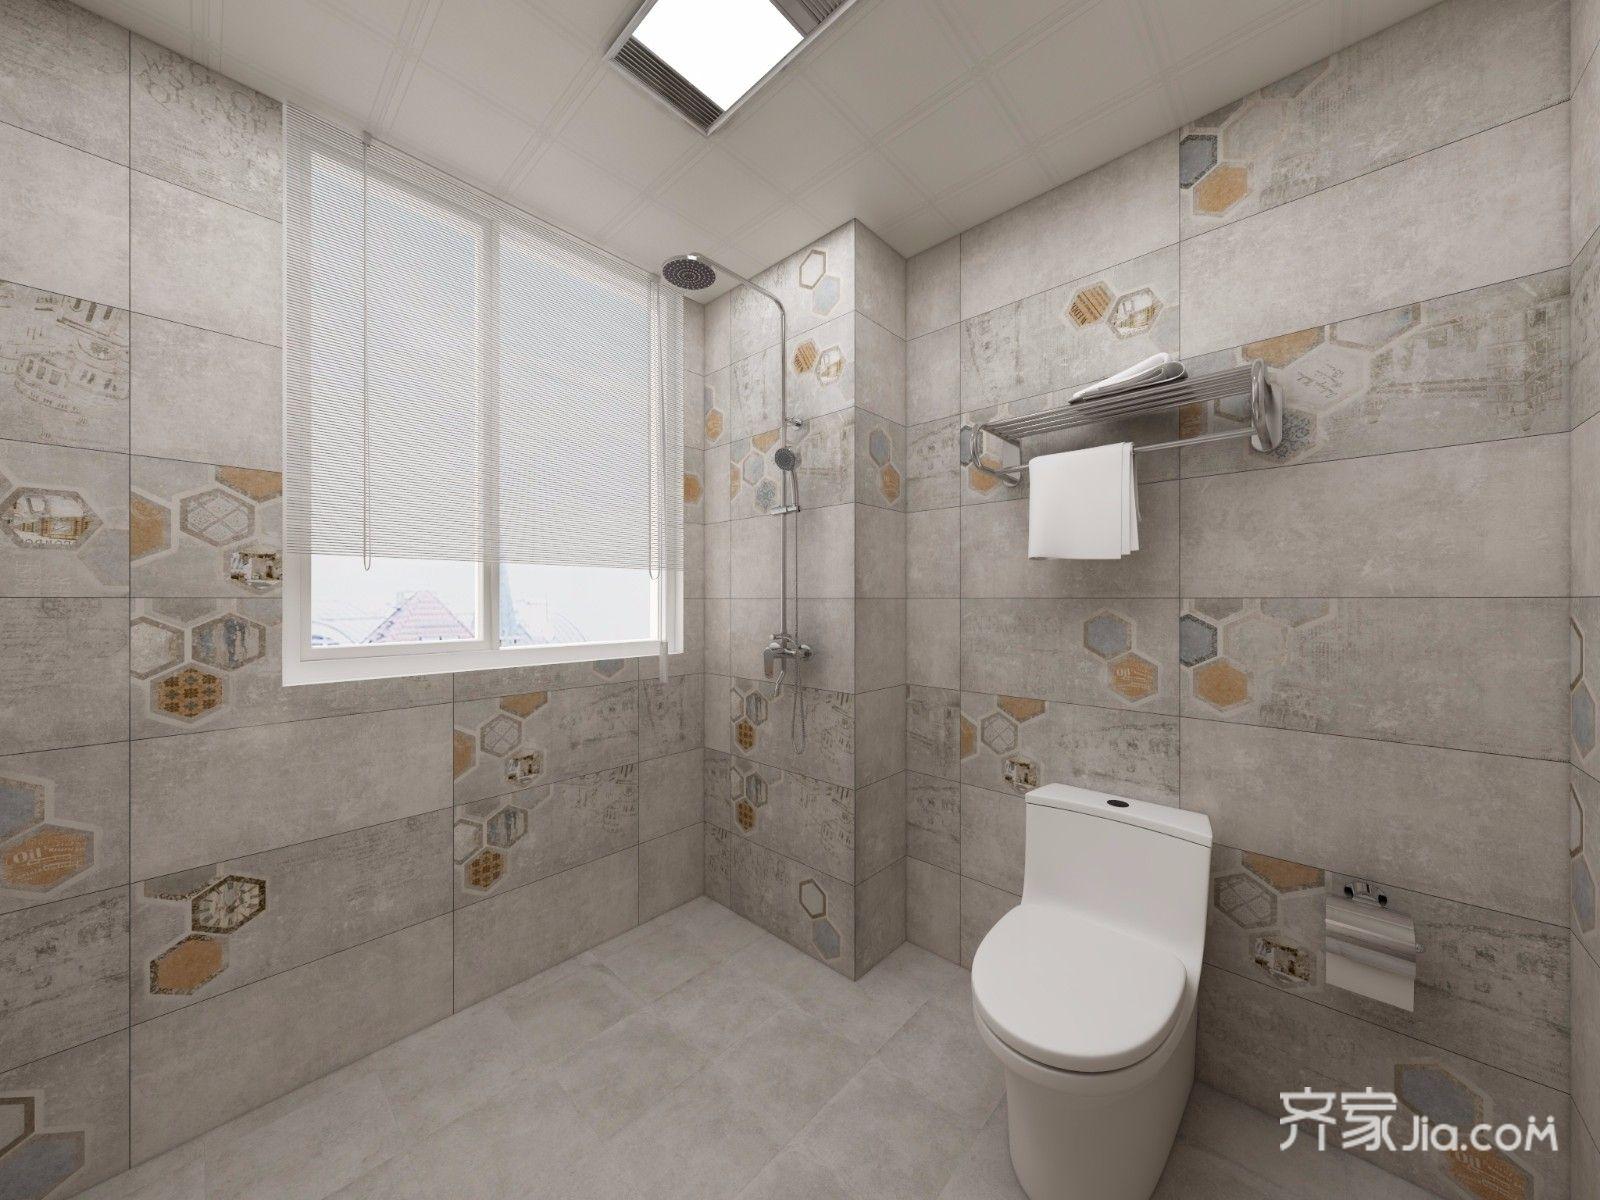 167平新中式风格卫生间装修效果图